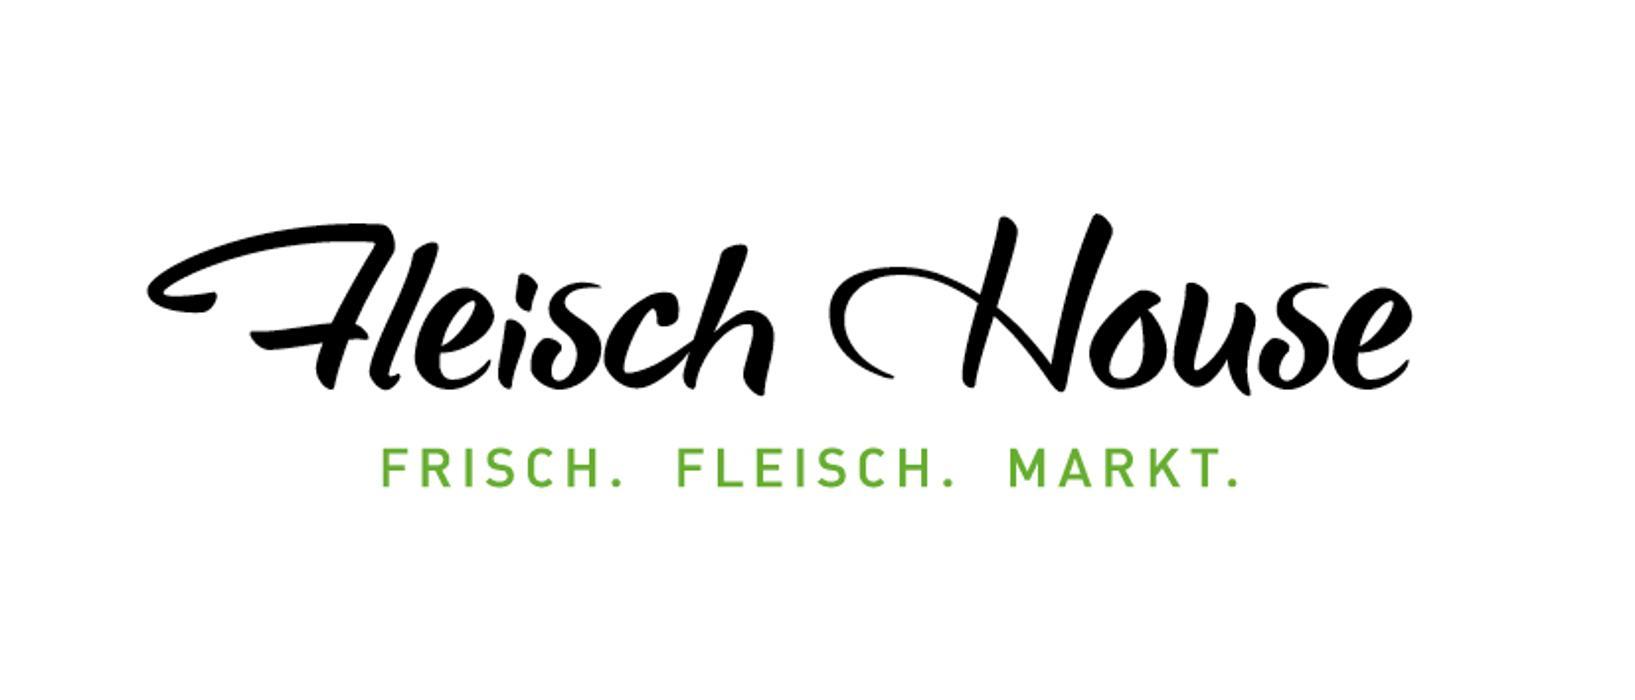 Fleisch House Obertraubling GmbH